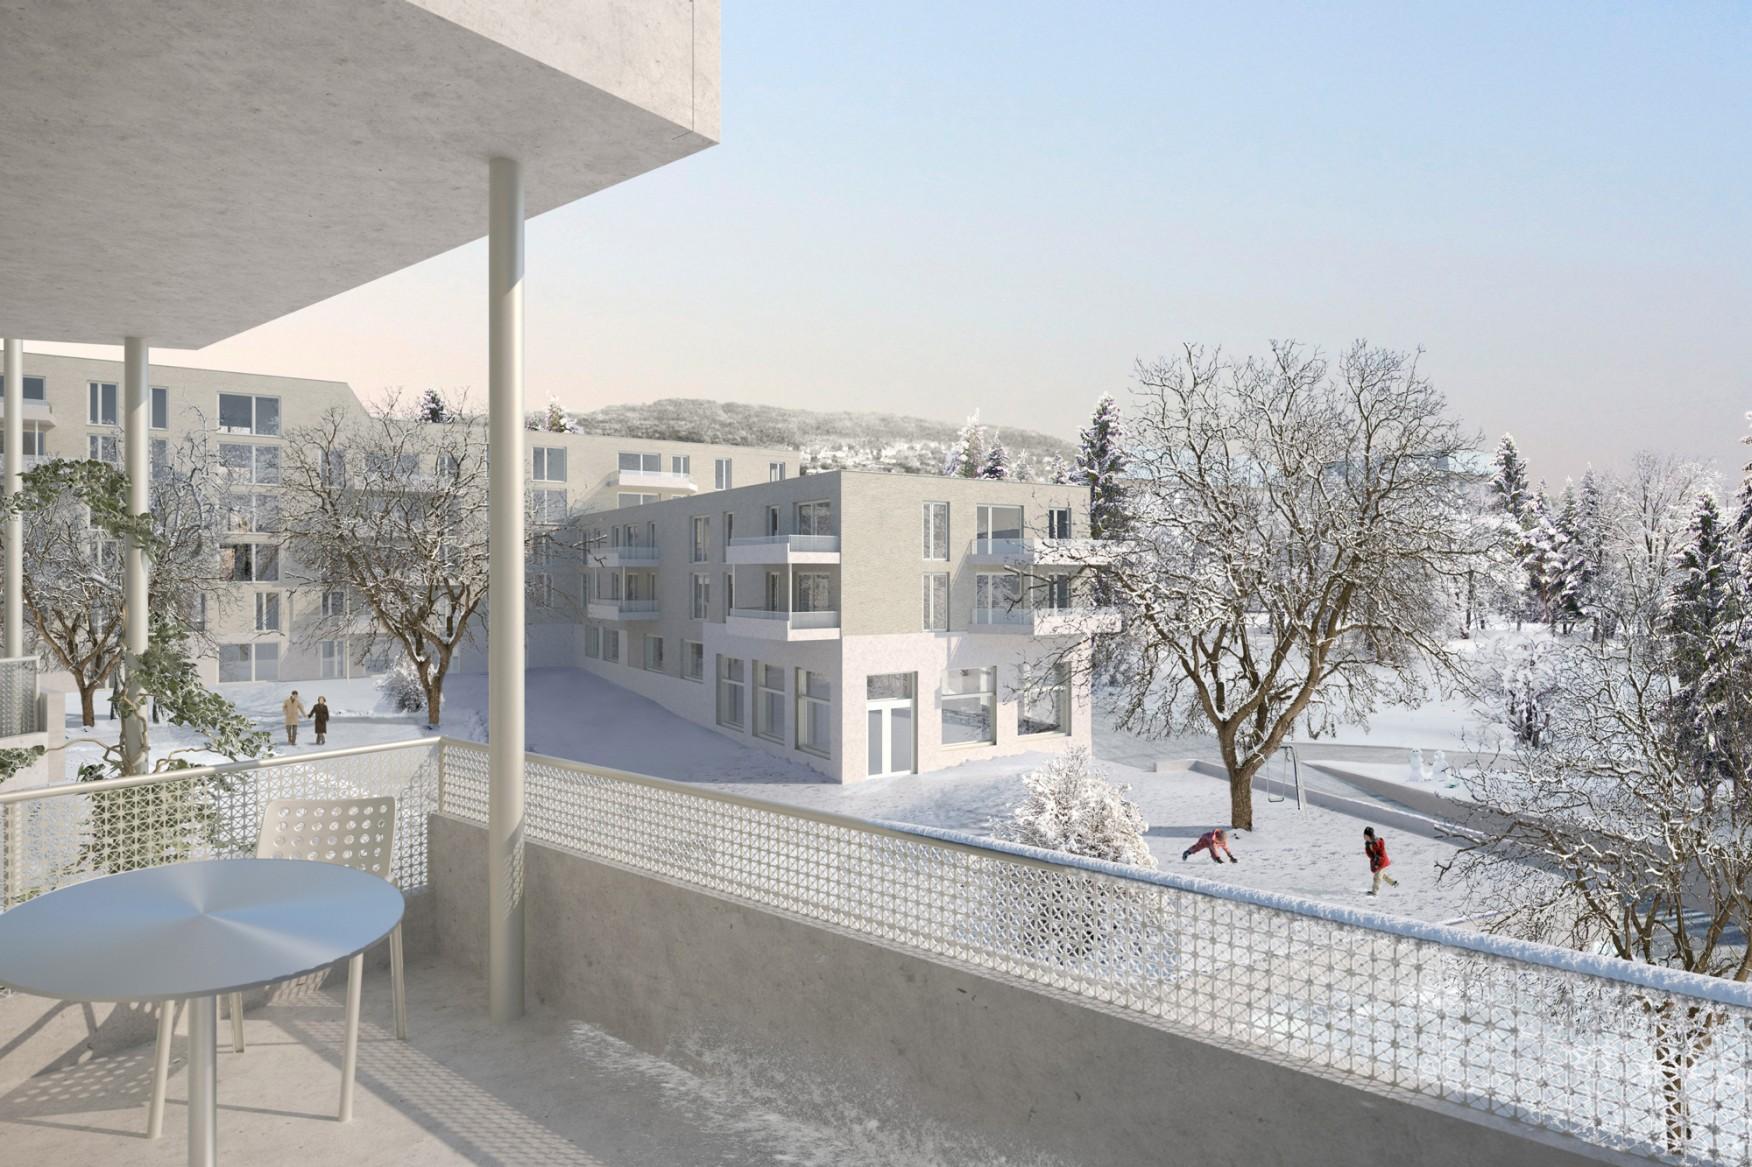 Neubau Wohnsiedlung Kronenwiese, Zürich-Unterstrass, Armon Semadeni Architekten | Weber + Brönnimann Landschaftsarchitekten, Amparo